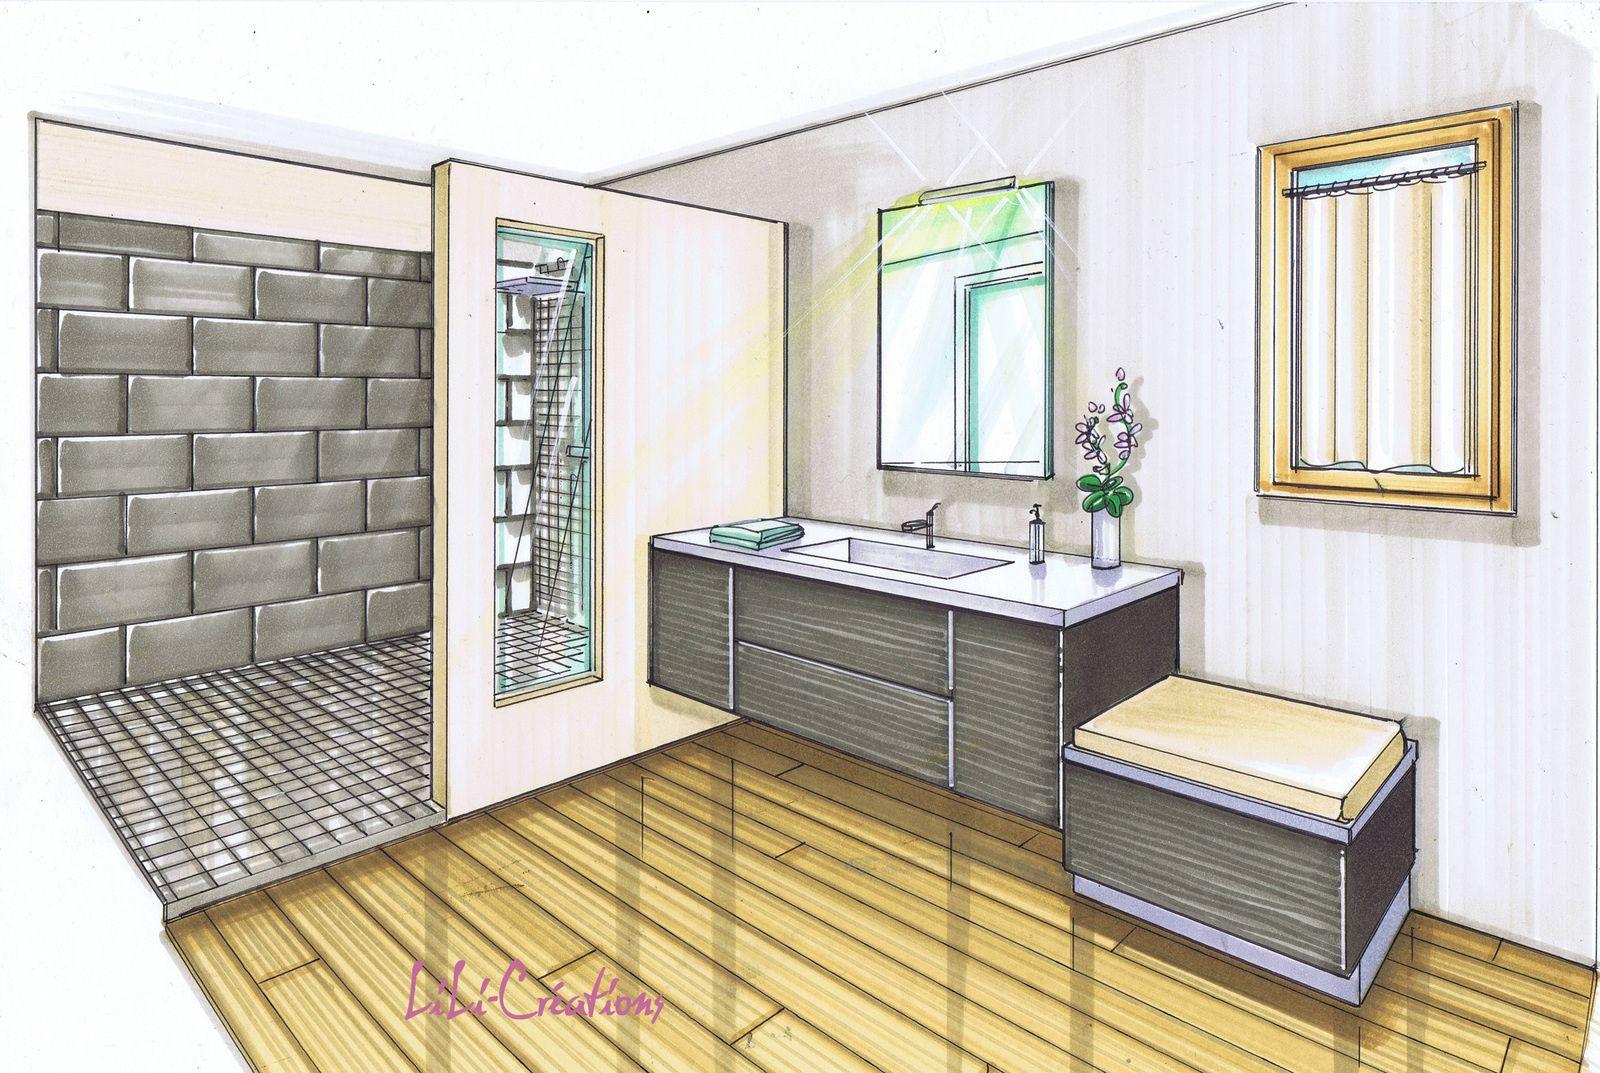 dessins dinterieur de maisons en perspective technique de dessin perspective le